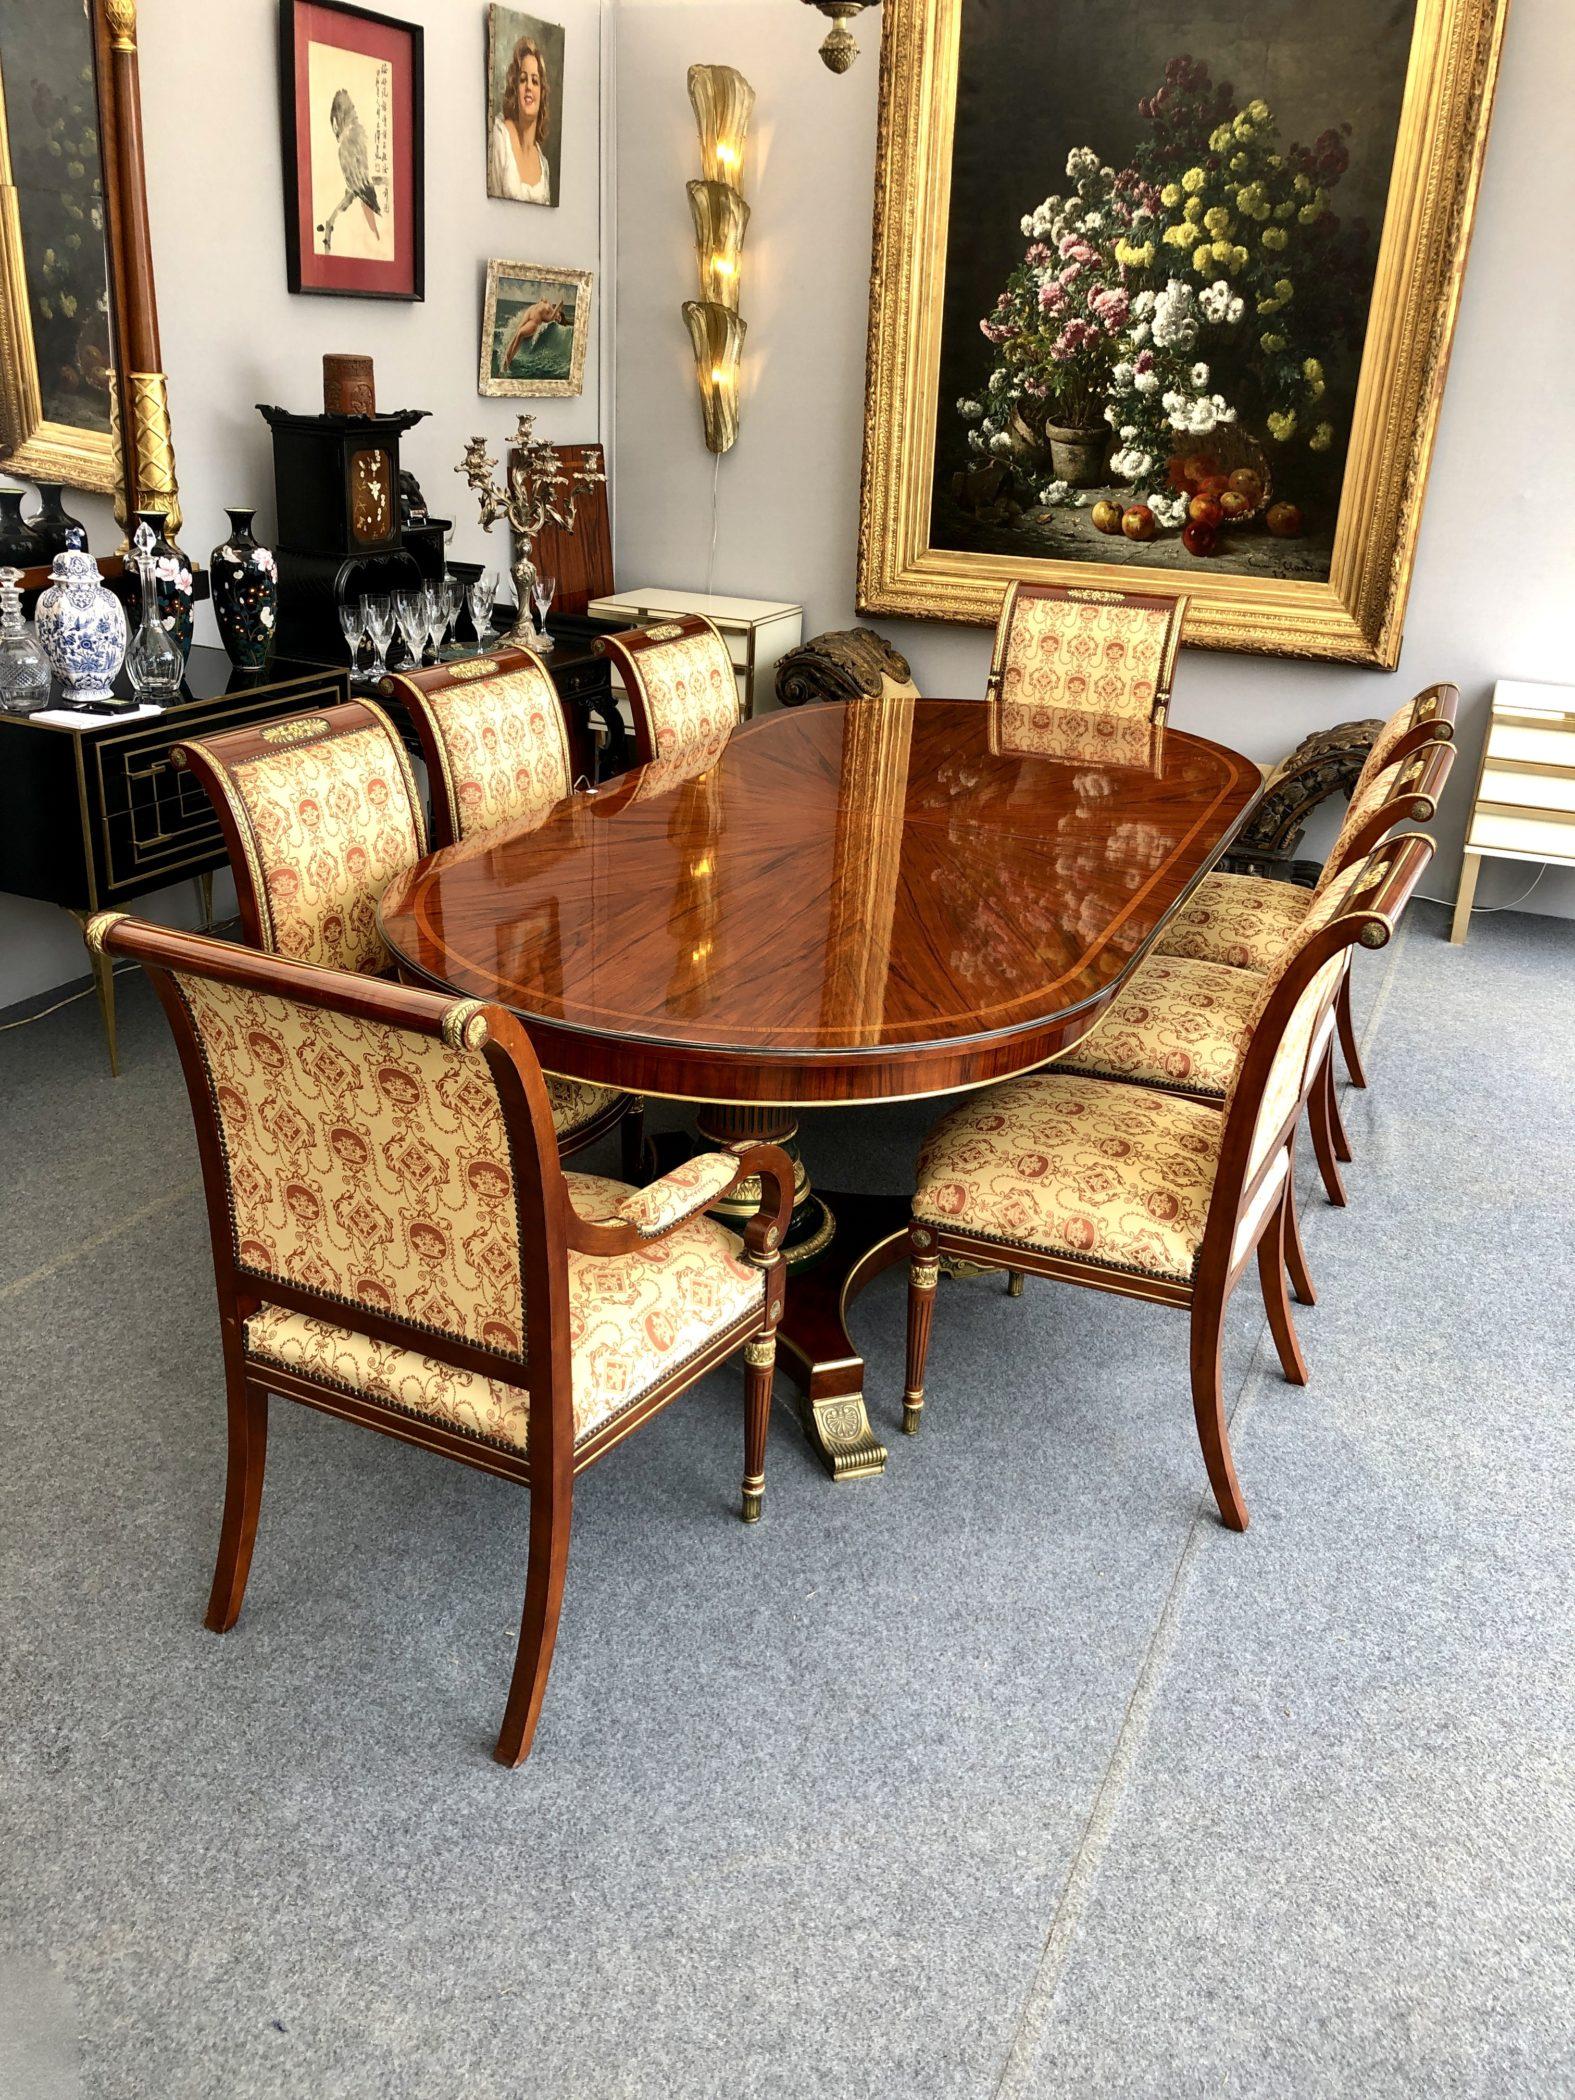 Ensemble table de salle à manger, chaises et fauteuils. Milieu XXe siècle